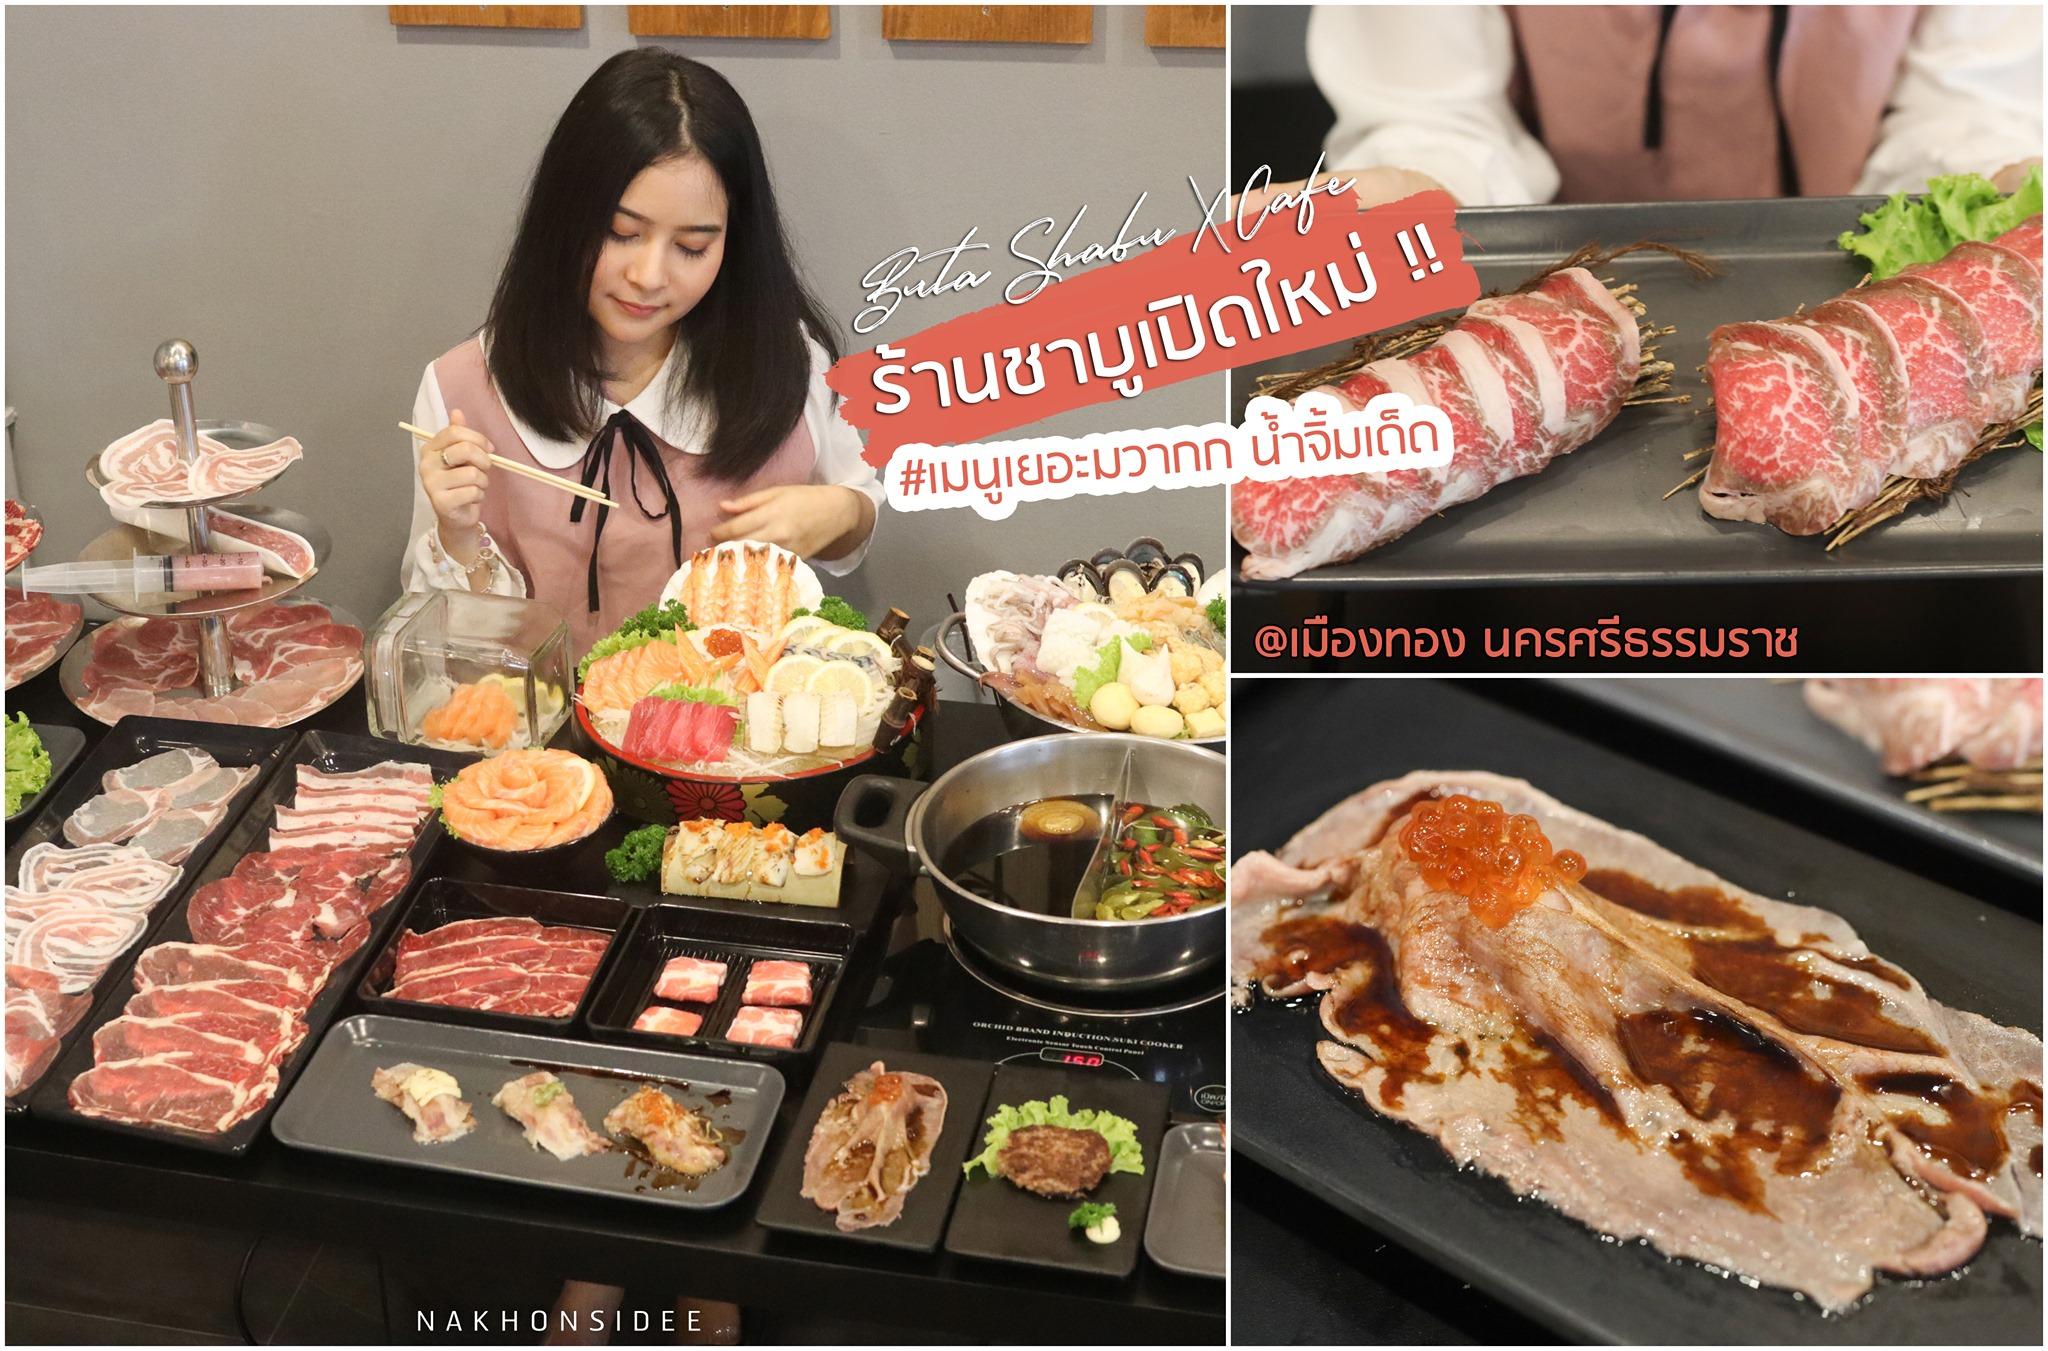 Buta Shabu X Cafe นครศรีธรรมราช บุฟเฟ่ต์ชาบู อาหารญี่ปุ่น พร้อมของหวานแบบจัดเต็ม วัตถุดิบดี น้ำจิ้มอร่อยมวากกก บอกเลยต้องห้ามพลาด